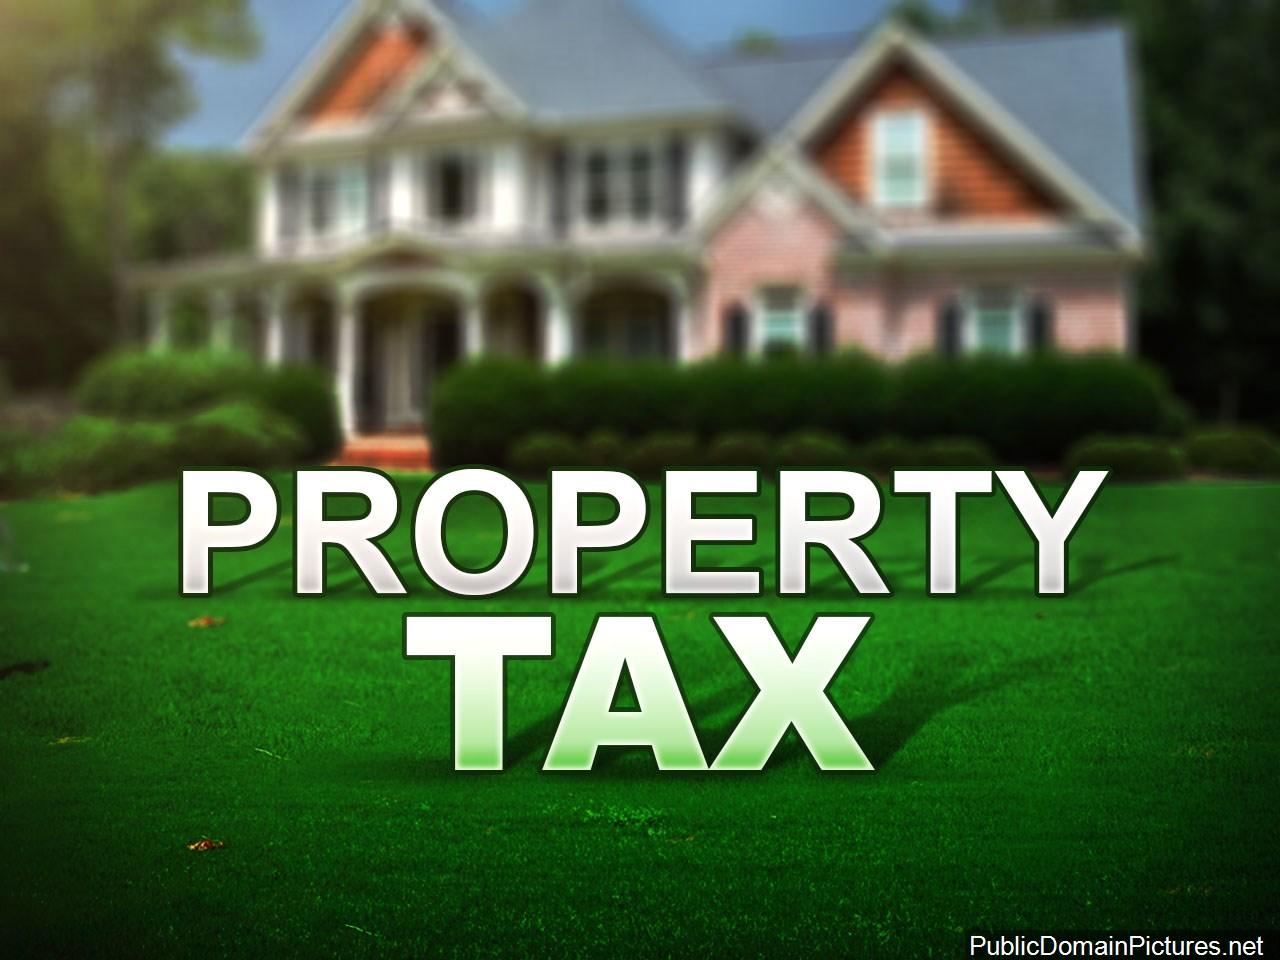 property tax_1548605787205.jpg.jpg